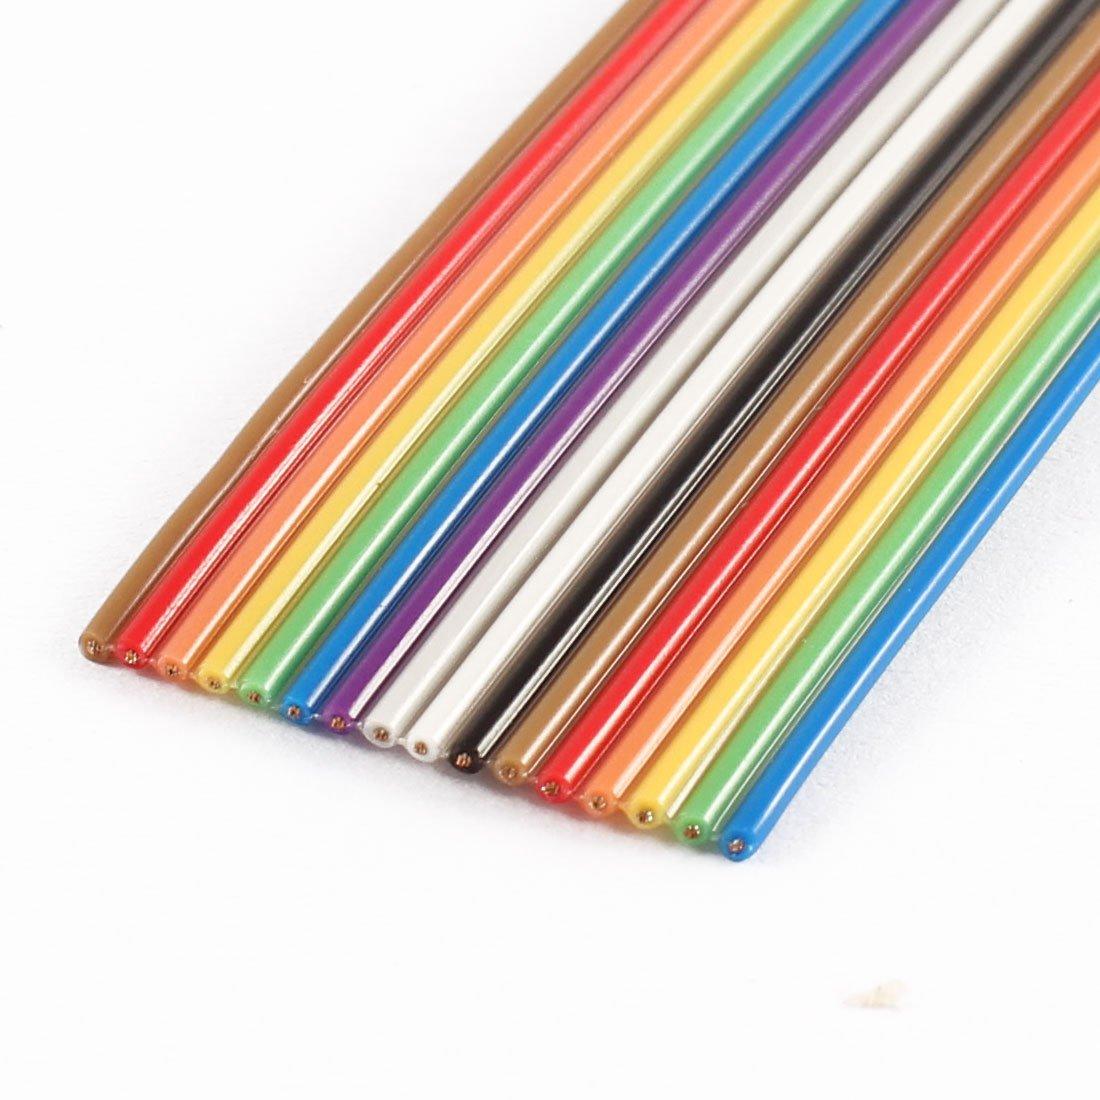 SOURCING MAP sourcingmap/® 4M Cable plano IDC Cable 1.27mm de espaciado DIY de los colores del arco iris de 16 pines